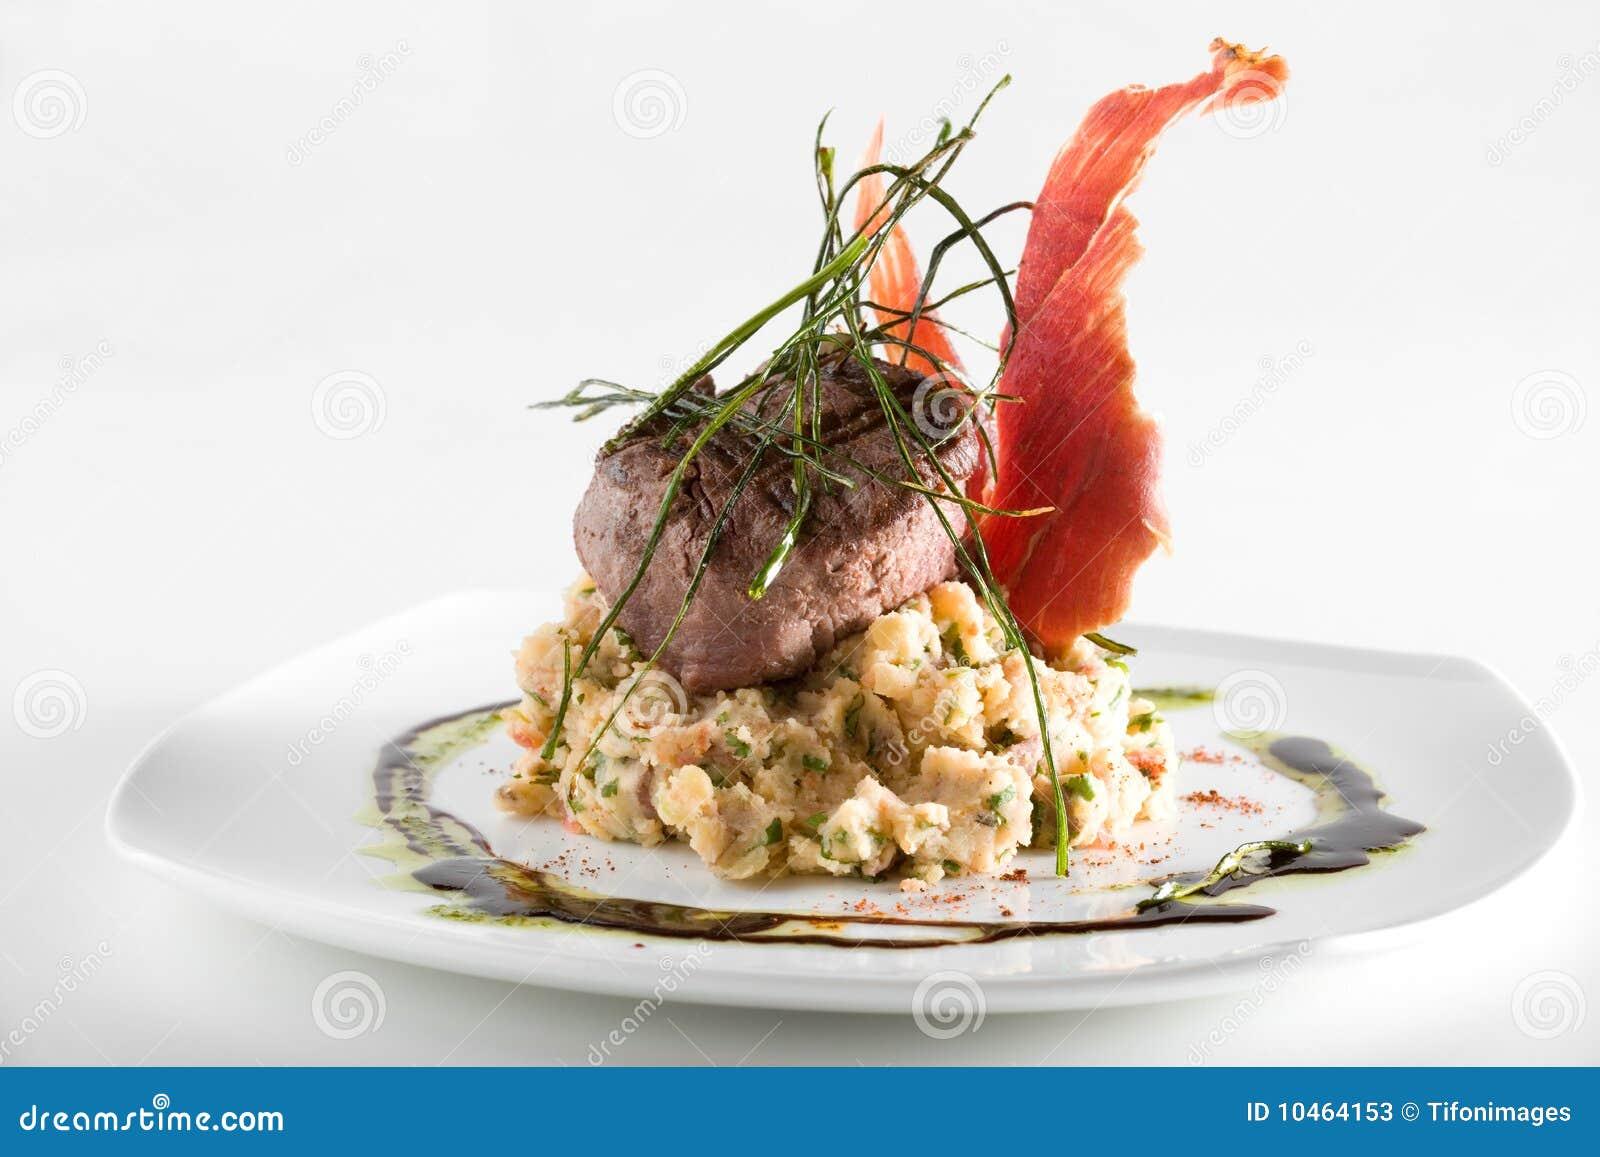 Gourmet piece of meat